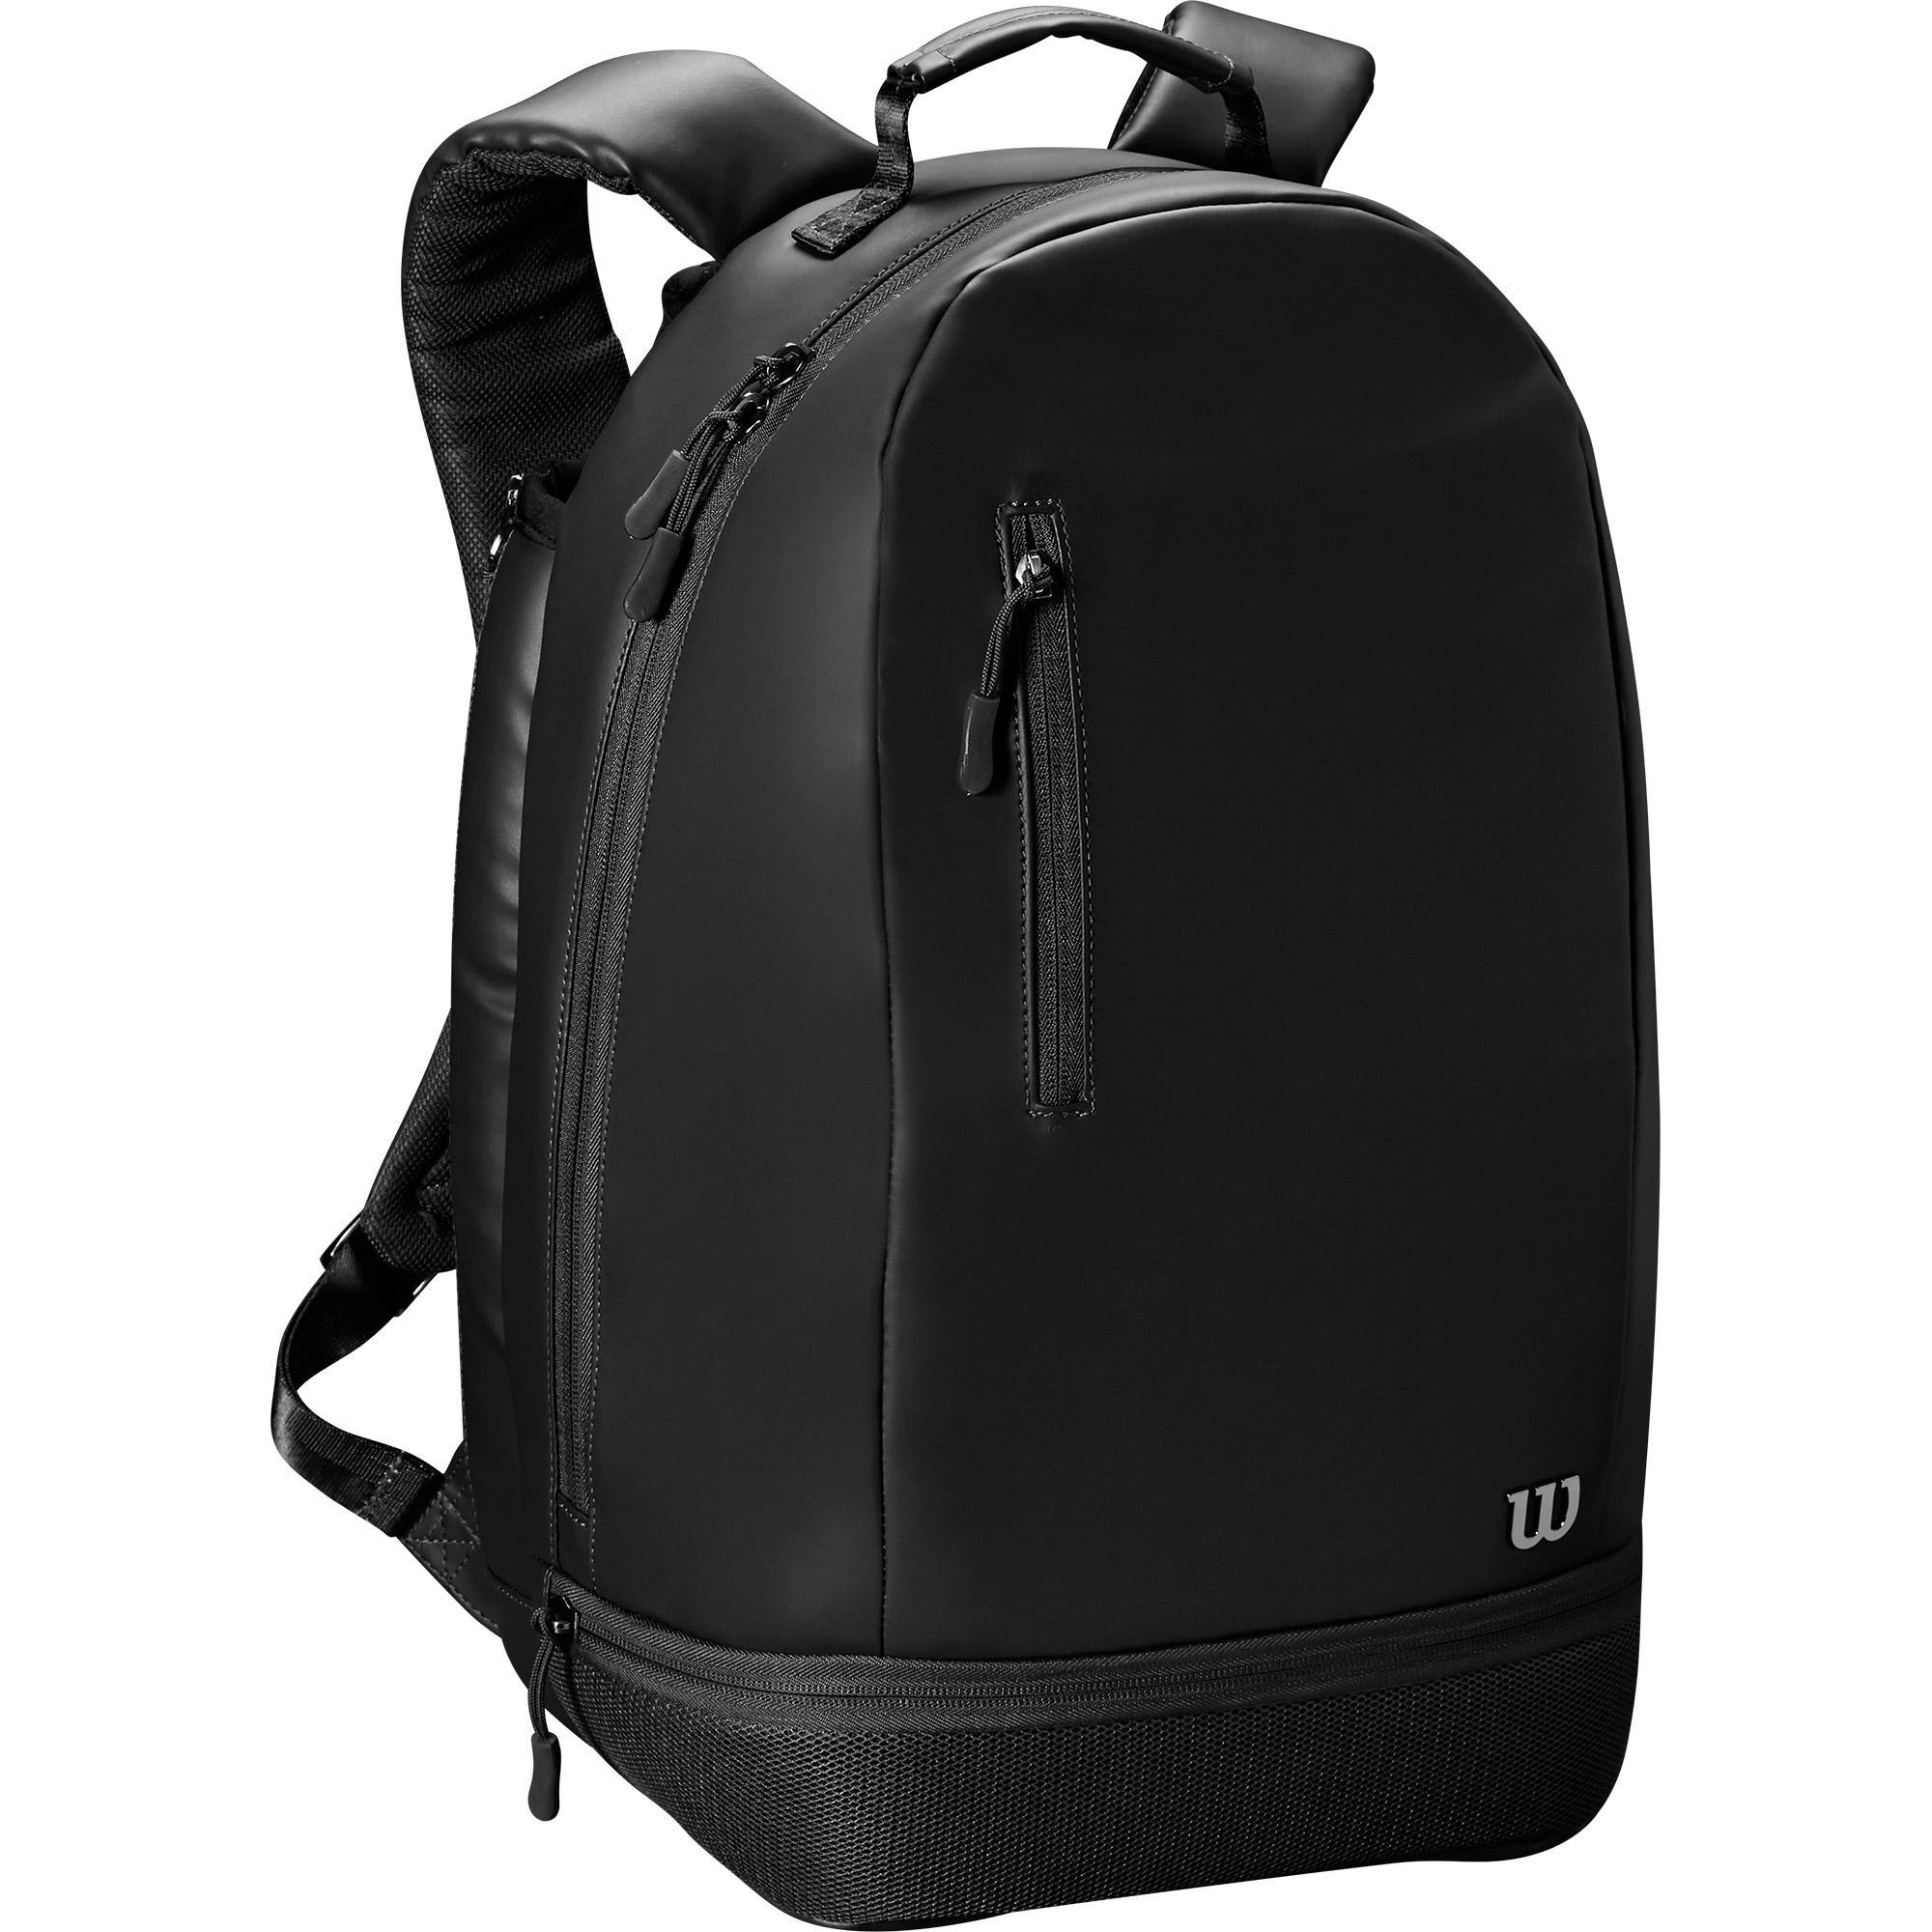 Wilson Womens Minimalist Backpack - Black - Tennisnuts.com